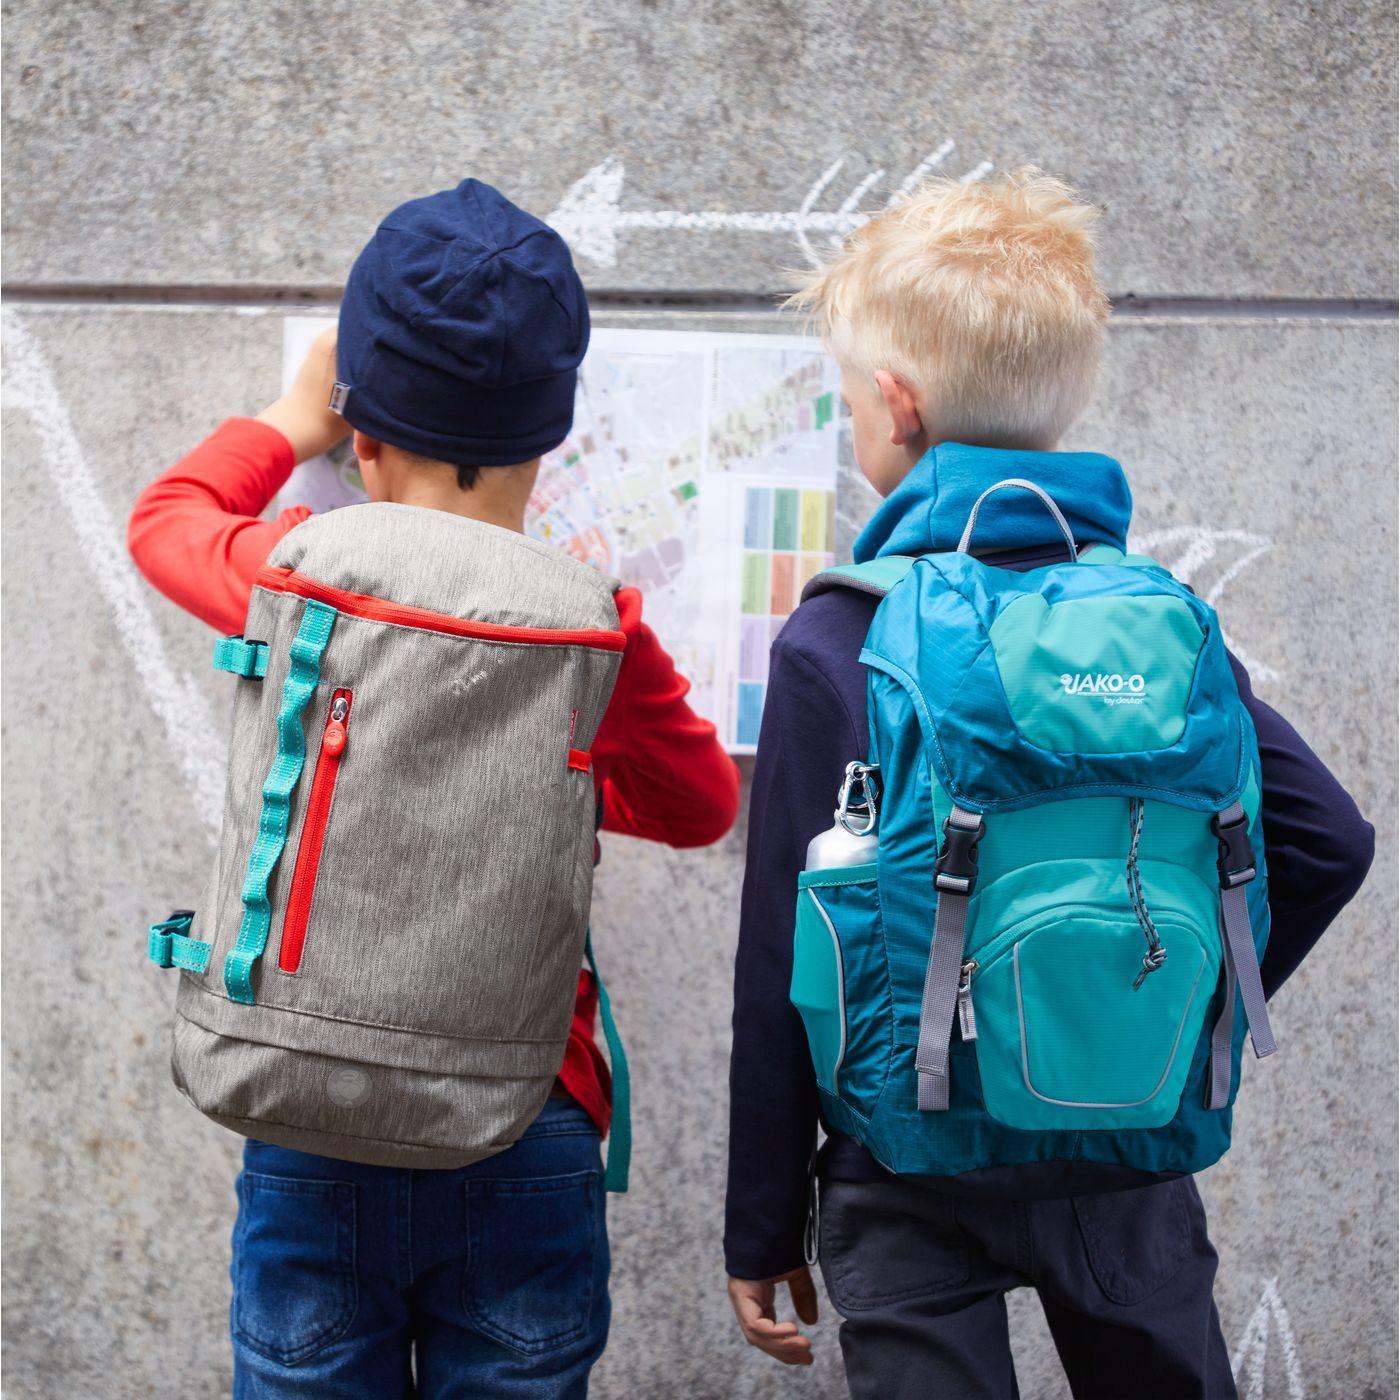 Kinder Rucksack JAKO-O